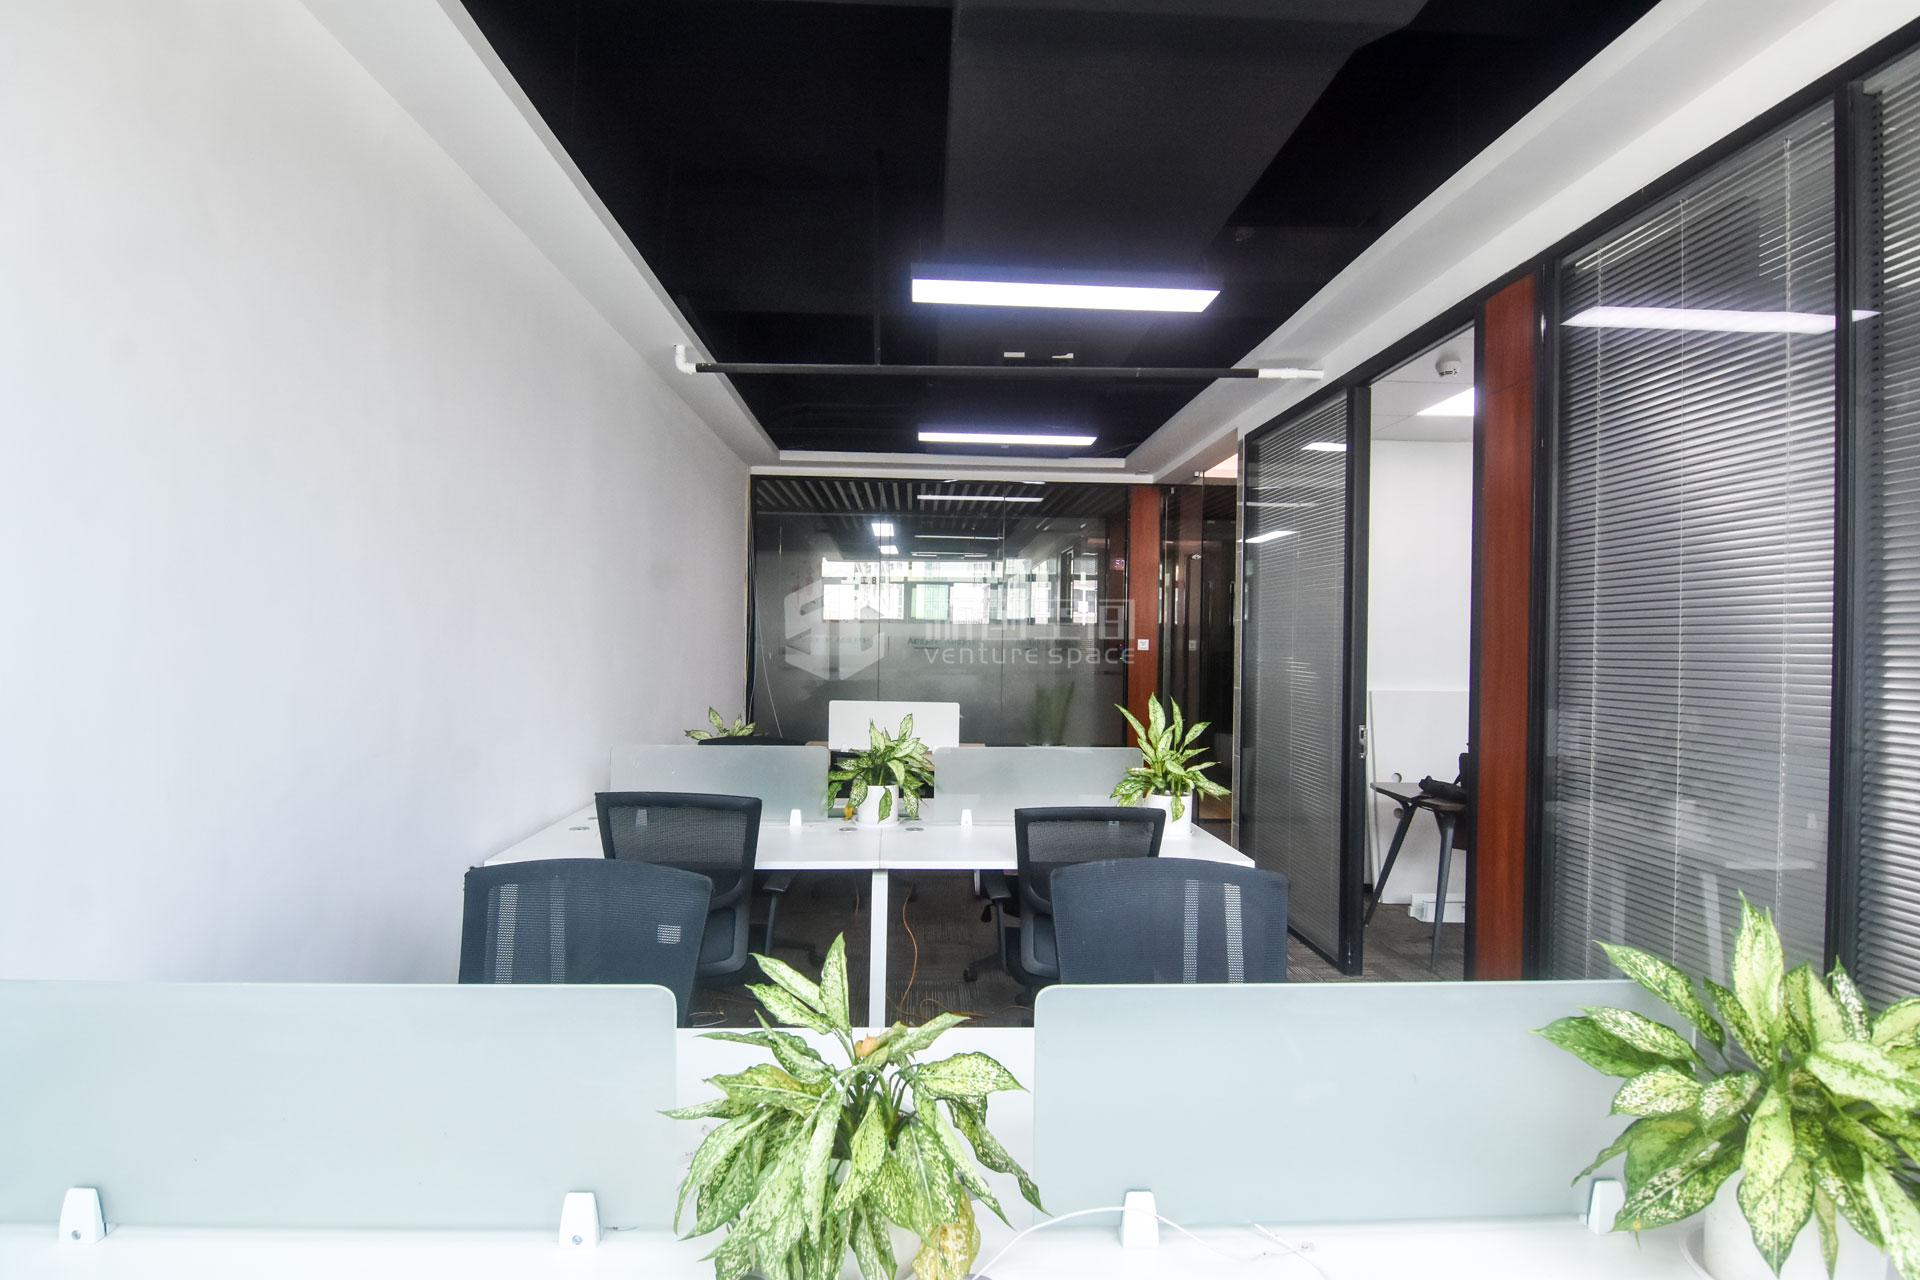 高新技术产业园102㎡精装办公室出租6630元/月